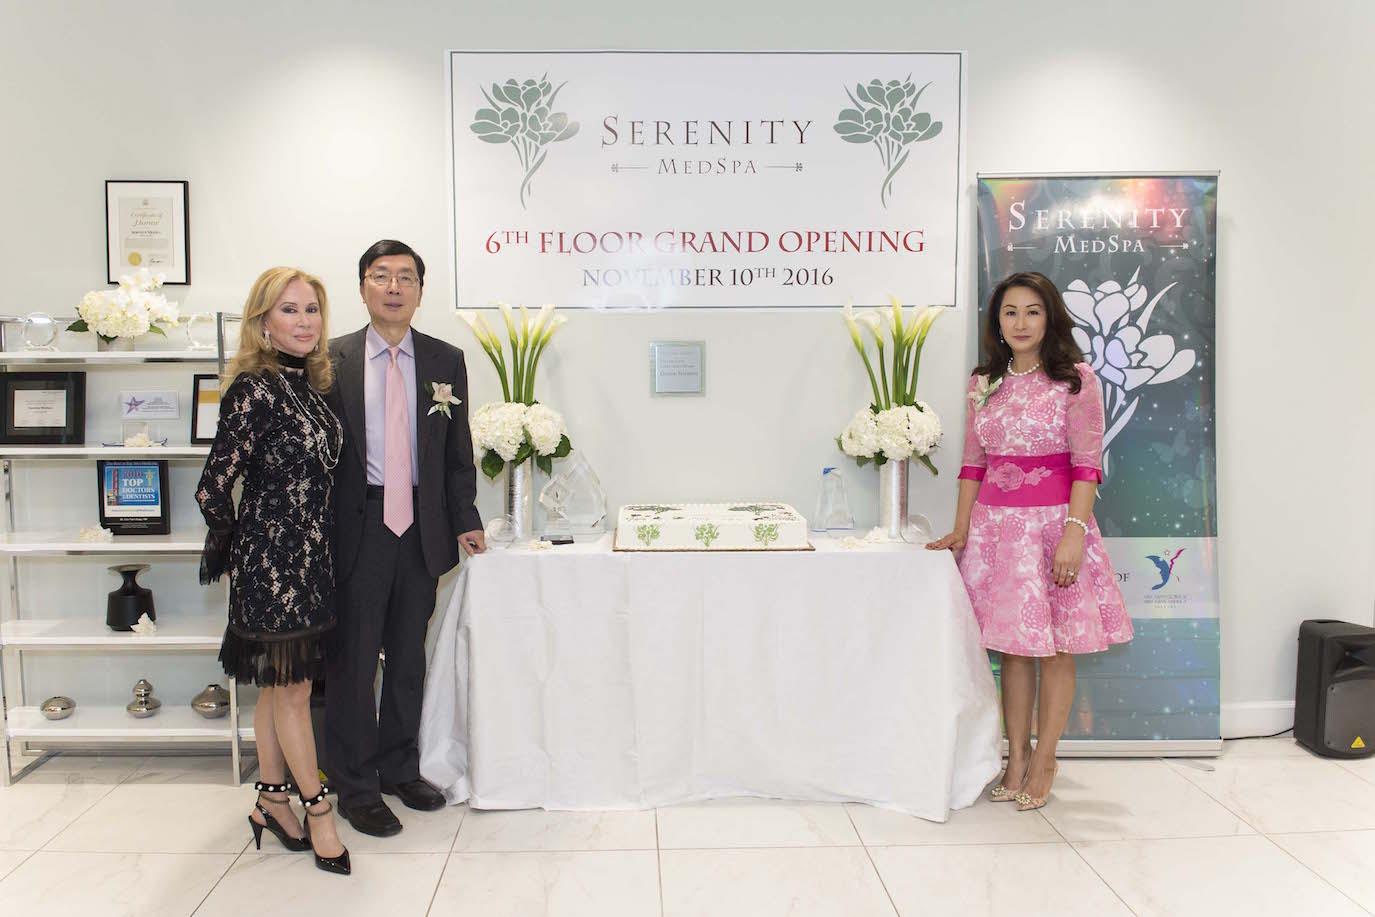 Sophie Azouaou, David Kang and Lisa Kang at the opening of the 6th floor